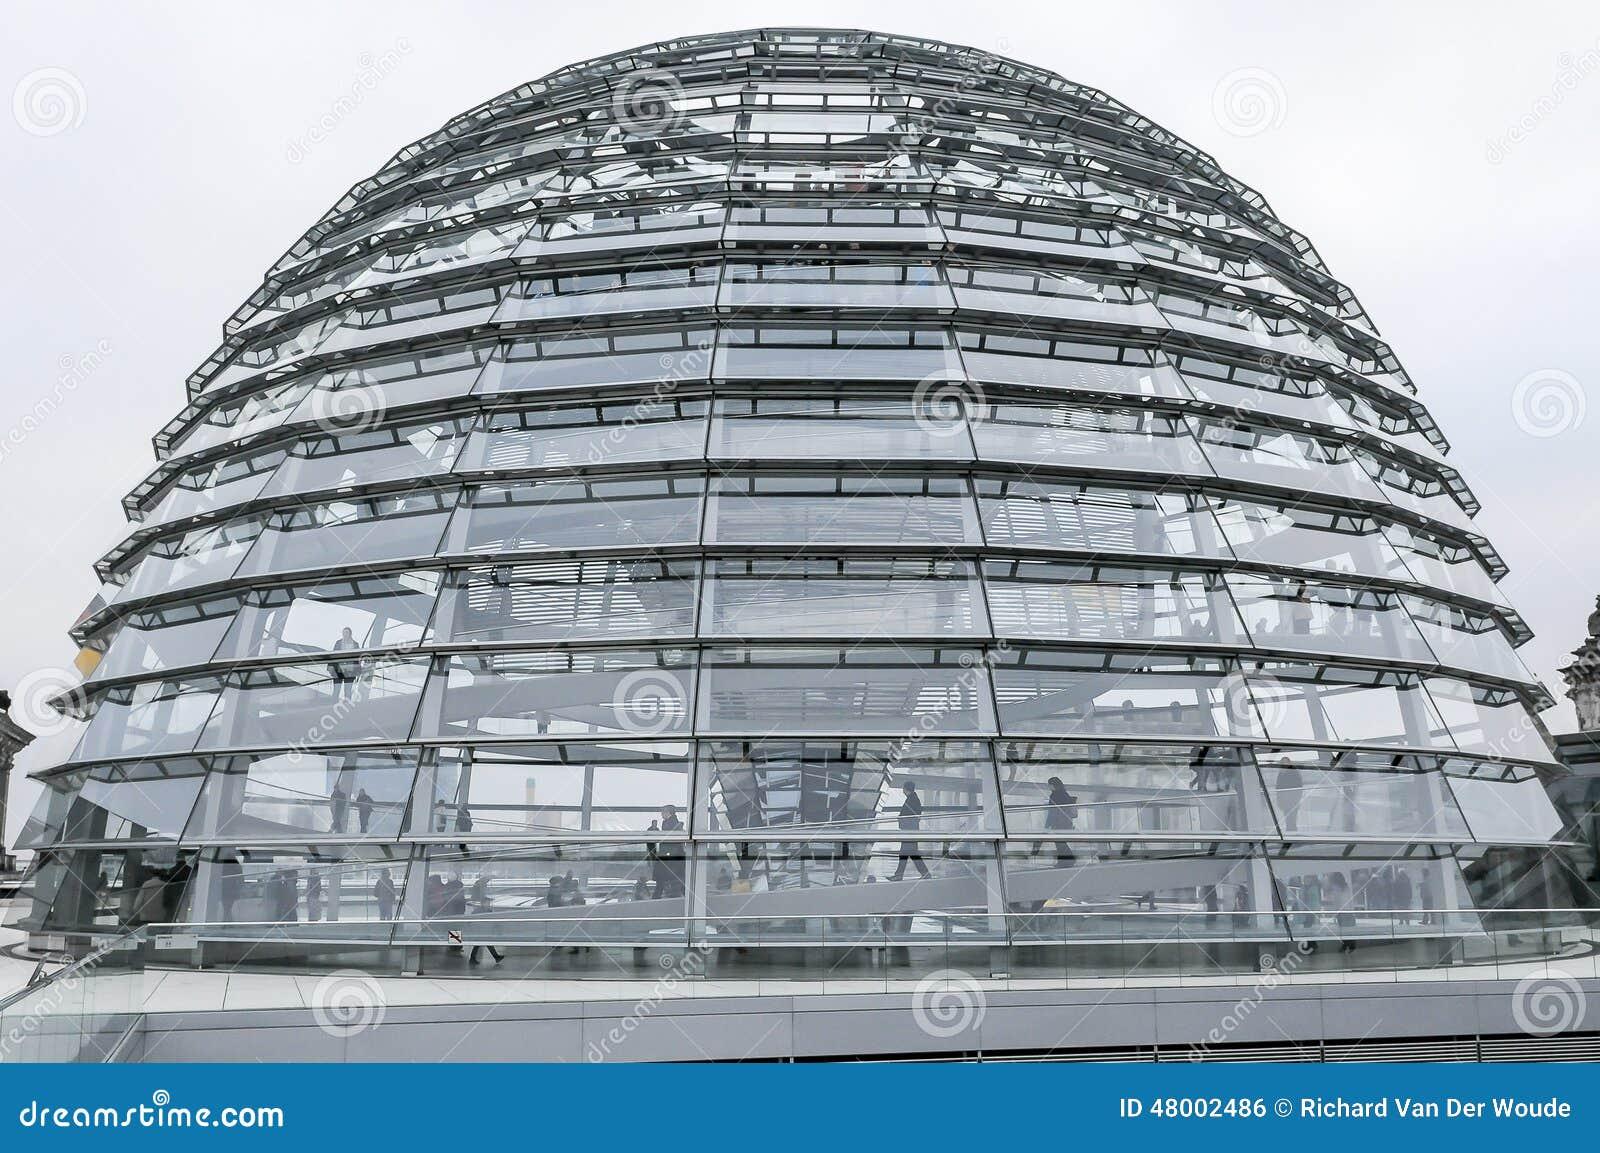 Moderne architektur reichtag haube berlin deutschland redaktionelles foto bild von inside - Moderne architektur in deutschland ...